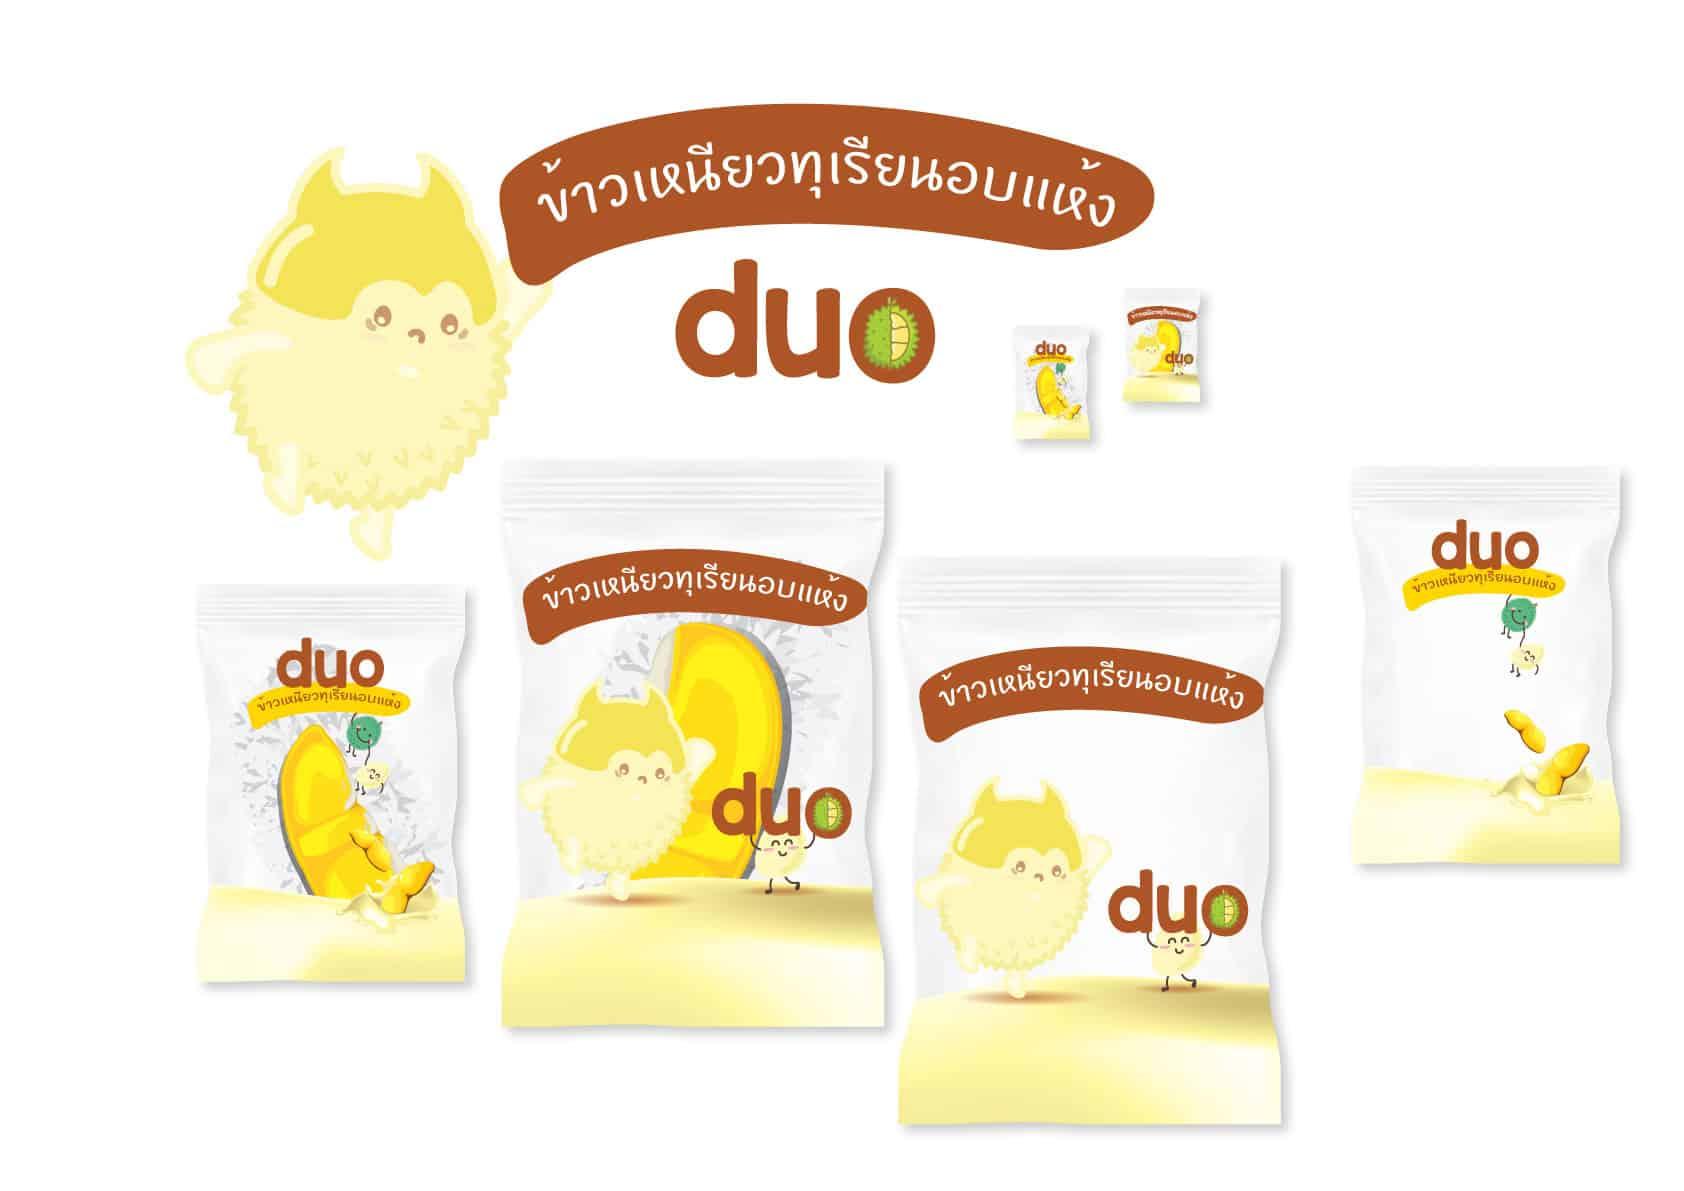 รับออกแบบบรรจุภัณฑ์ DUO ข้าวเหนียวทุเรียนอบแห้ง